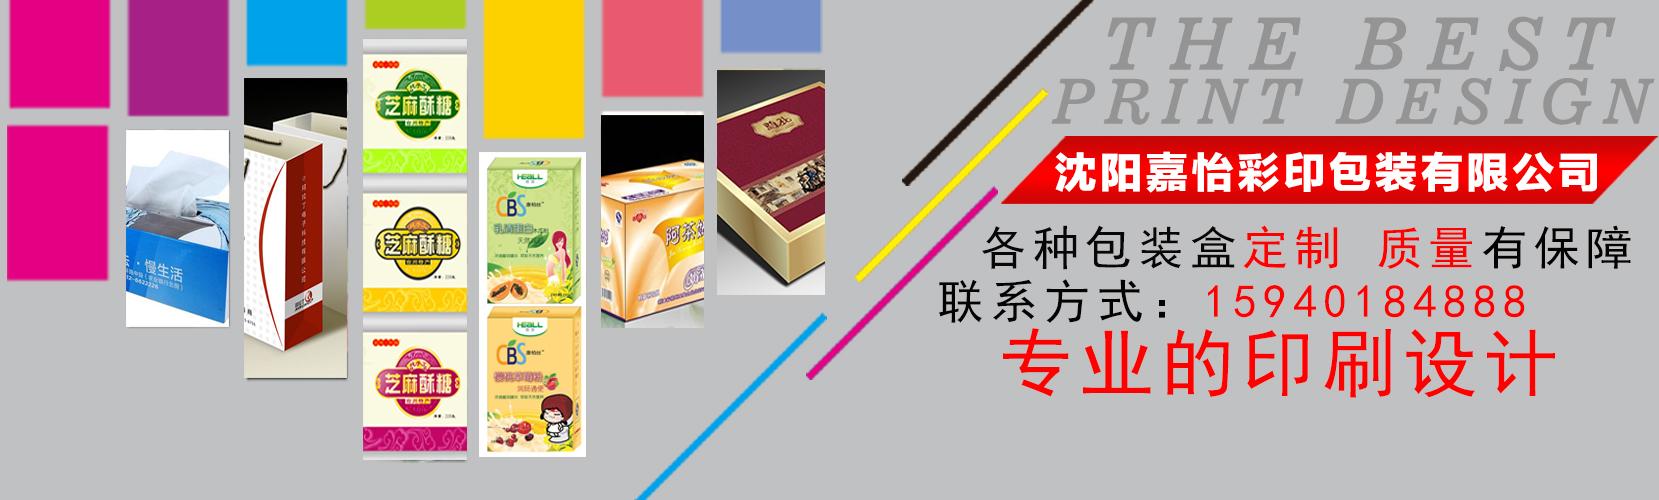 沈阳纸箱厂分享提高纸箱的印刷质量,需要关注这些